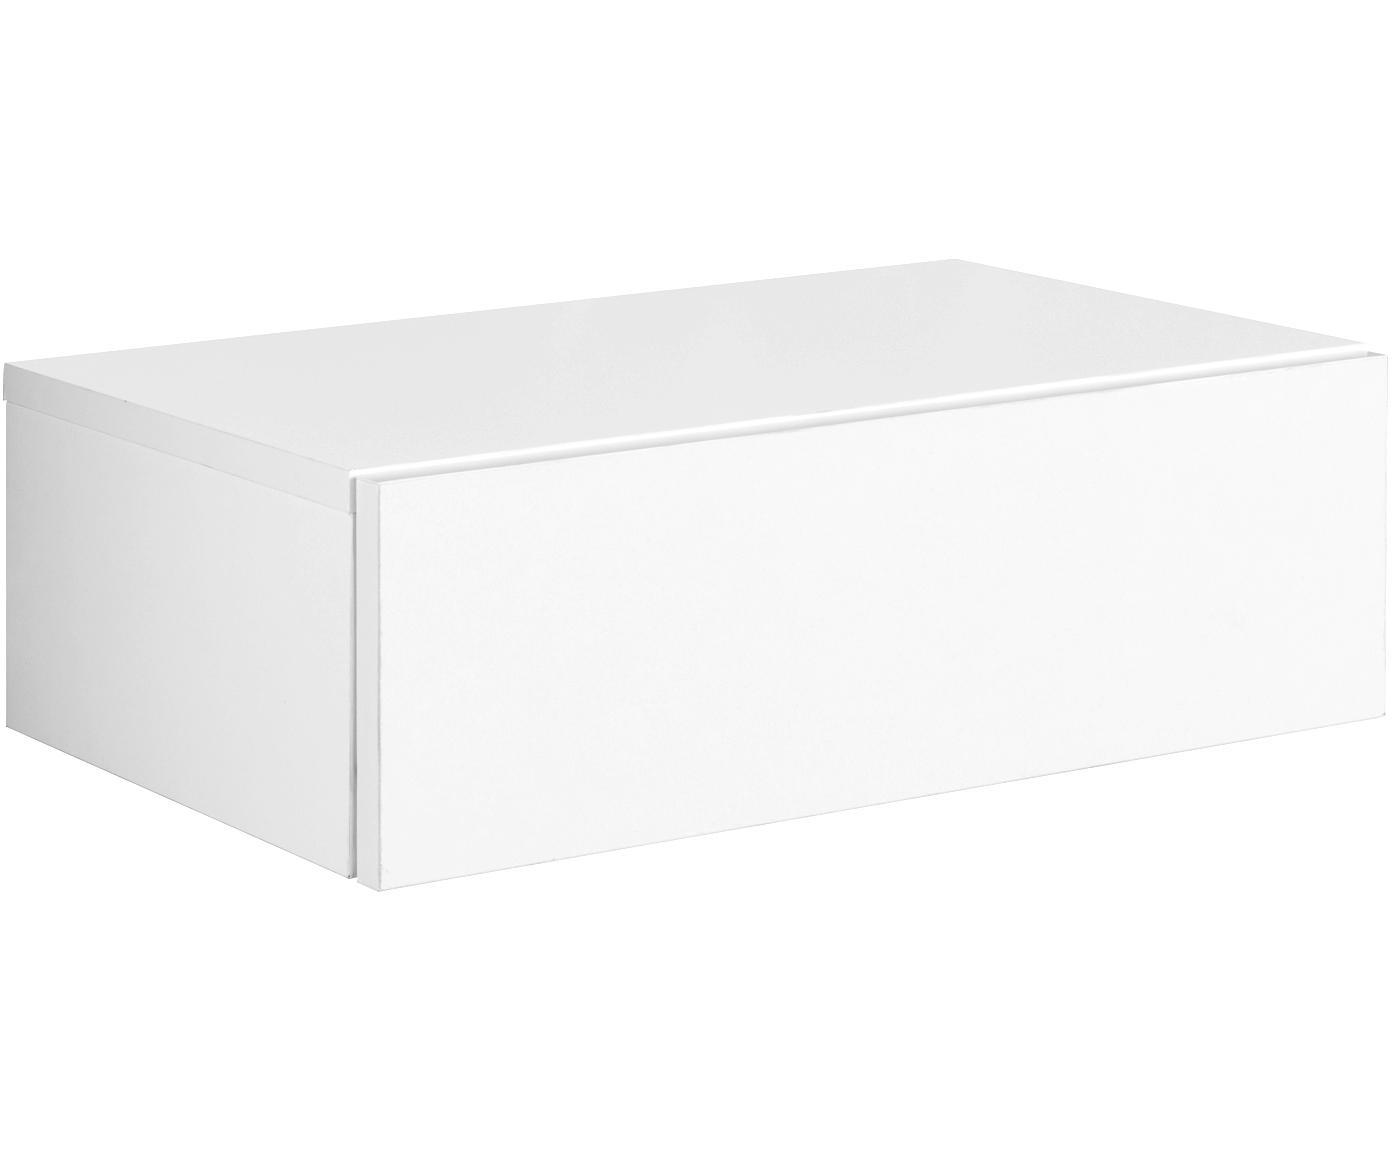 Wand-Nachttisch Dream mit Schublade, Korpus: Spanplatte, foliert, Weiß, 46 x 15 cm